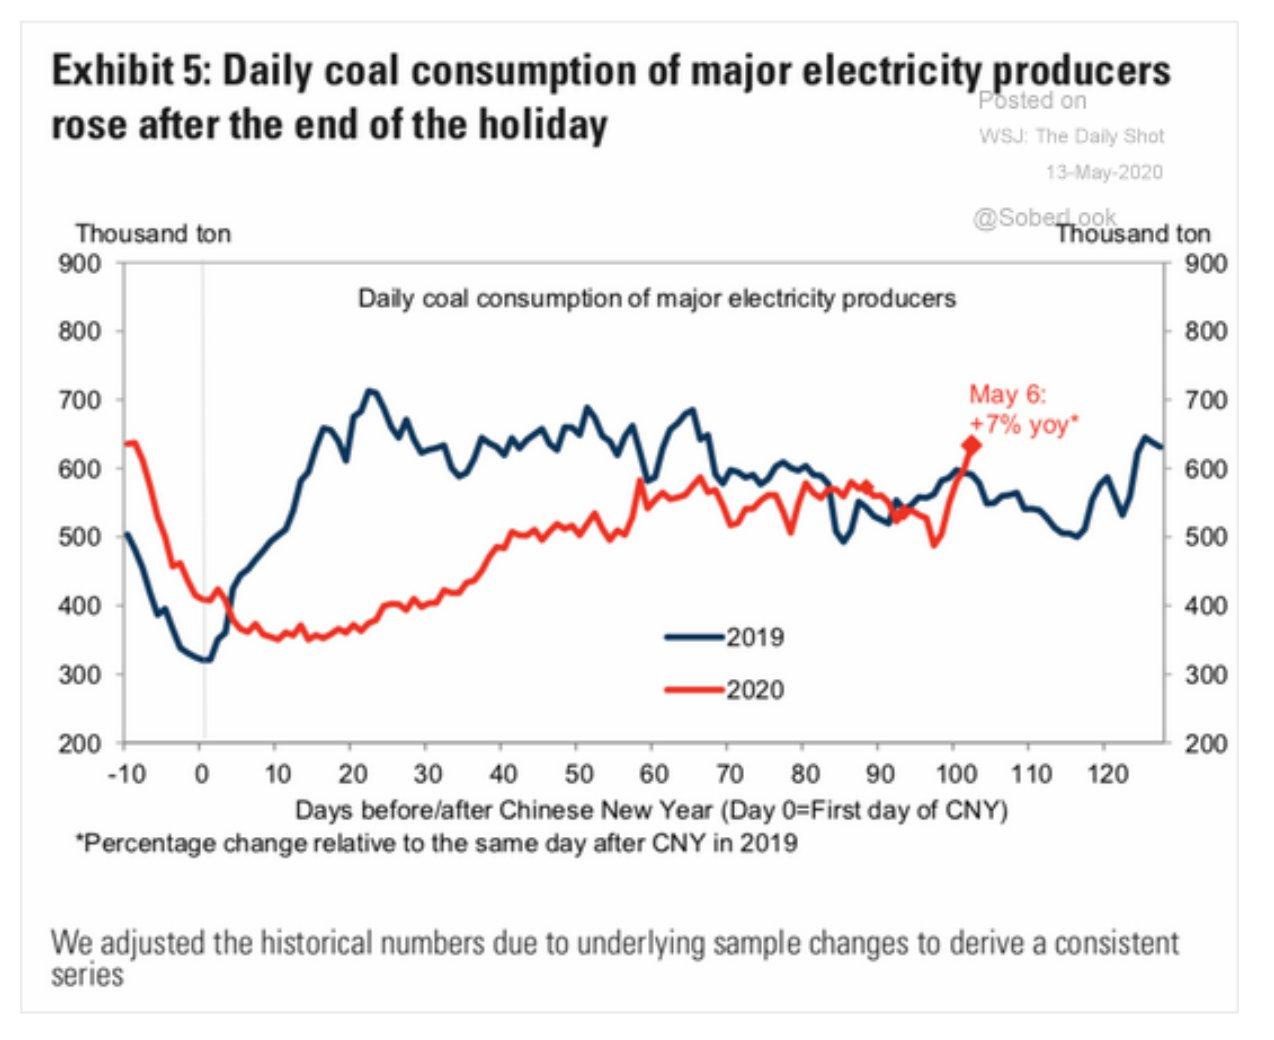 On May 6th 2020 coal…